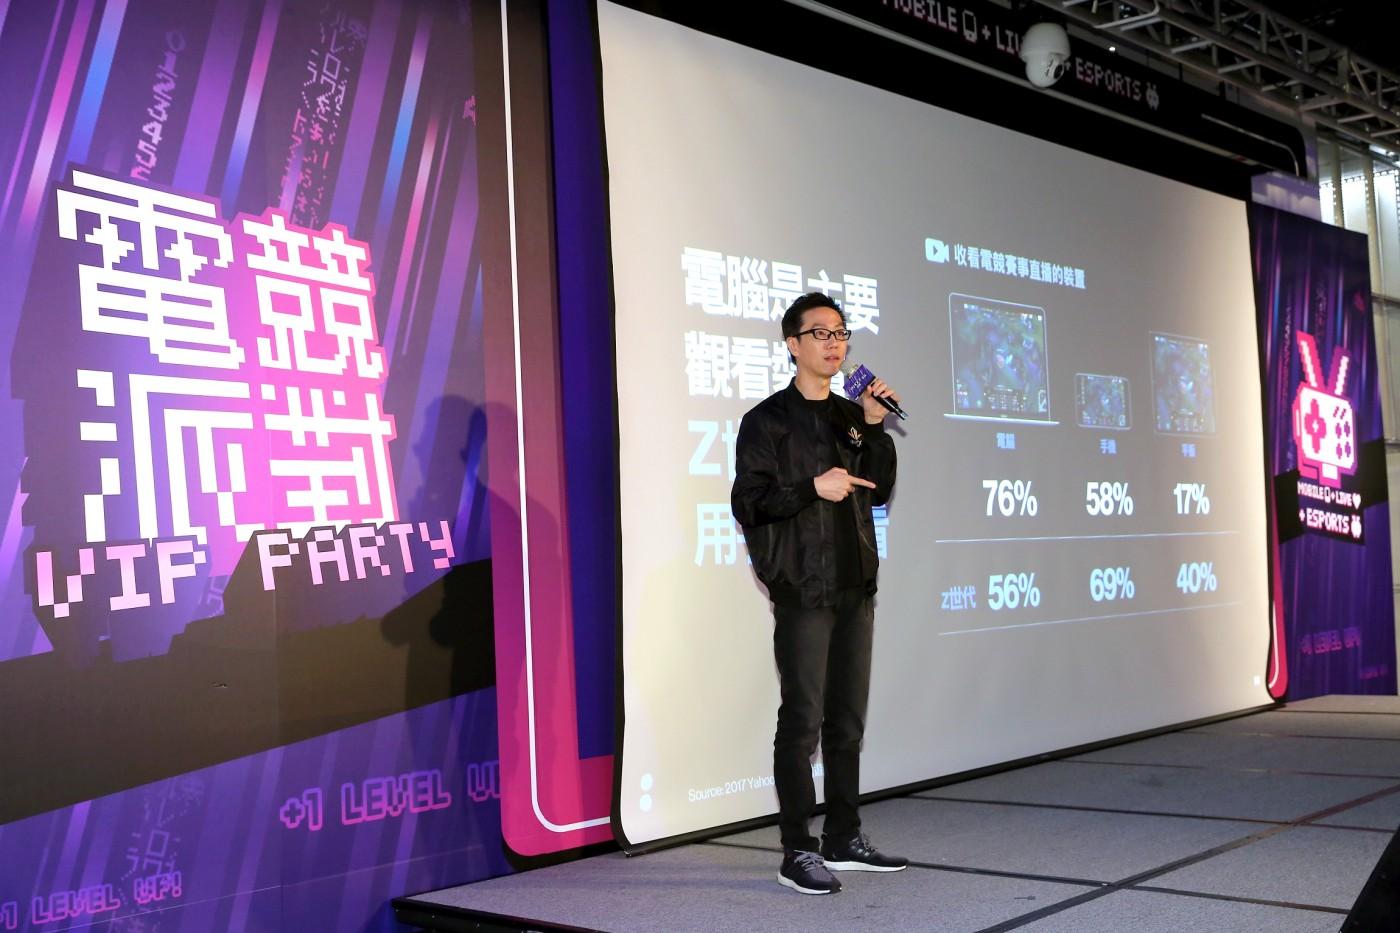 電玩調查:台灣遊戲市場收入動能強,超過亞洲整體表現